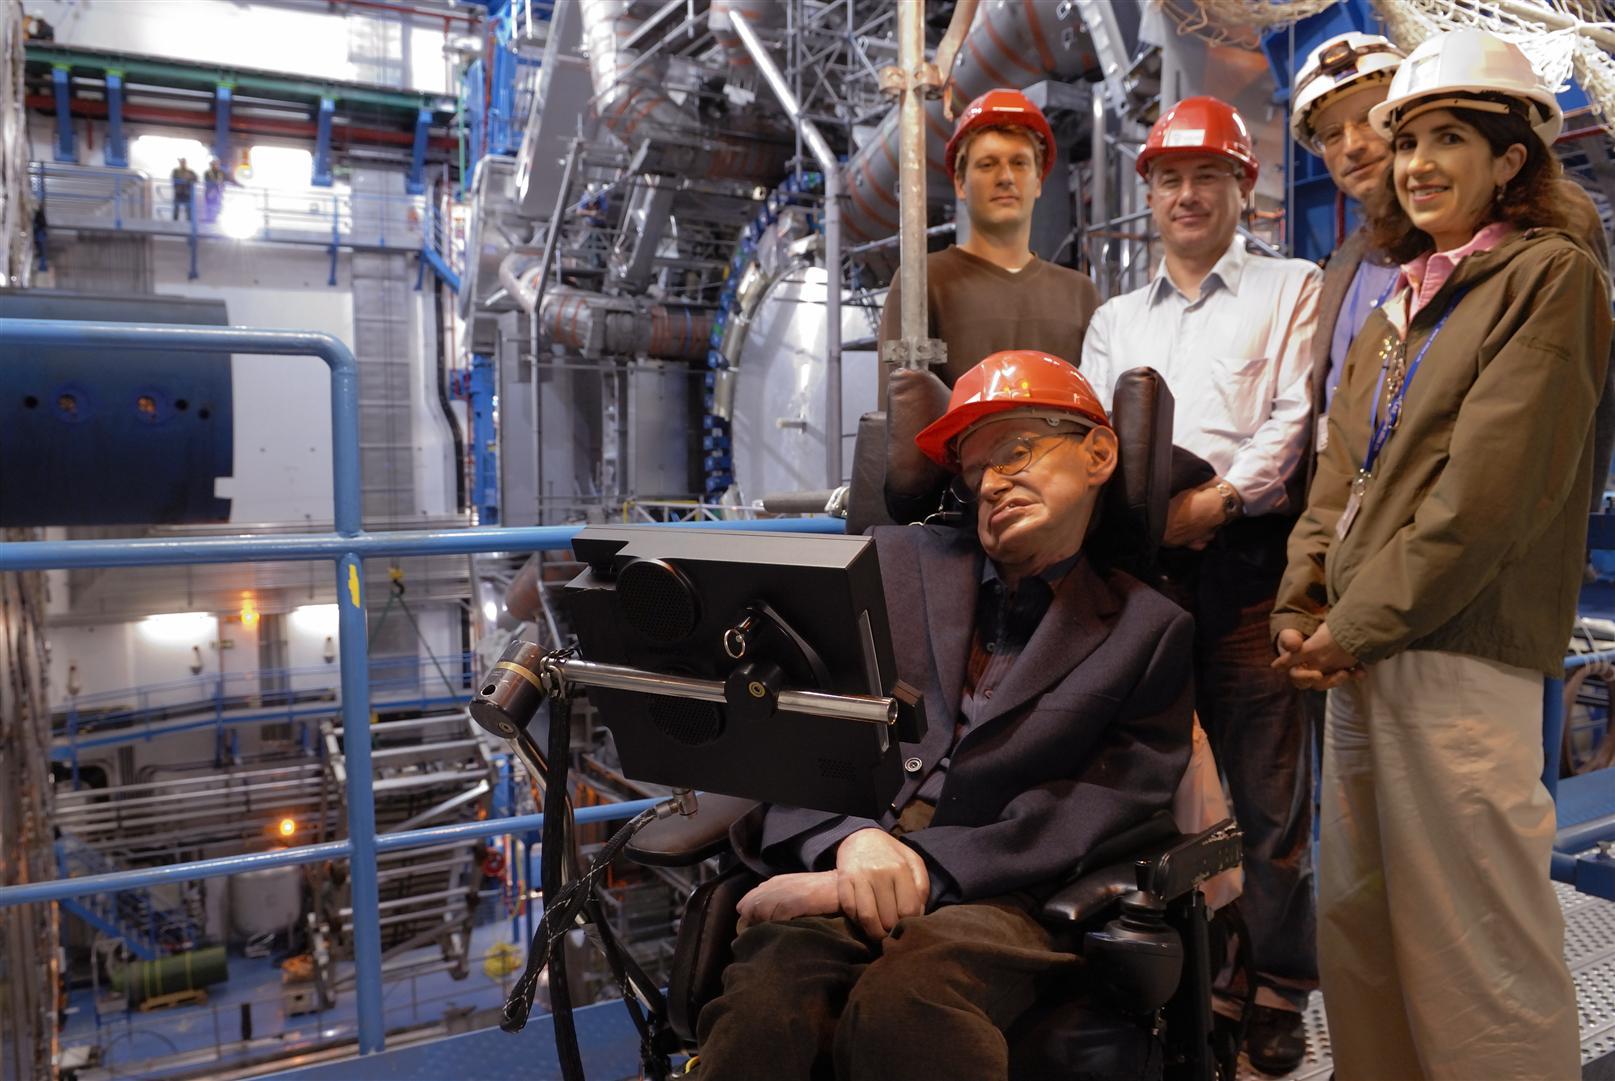 Stephen Hawking u experimentu ATLAS. To, že tento detektorový systém objeví mikroskopické černé díry, prokáže existenci Hawkingowa záření a pošle ho pro Nobelovu cenu, je sice nepravděpodobné, ale úplně vyloučené to není. (Zdroj